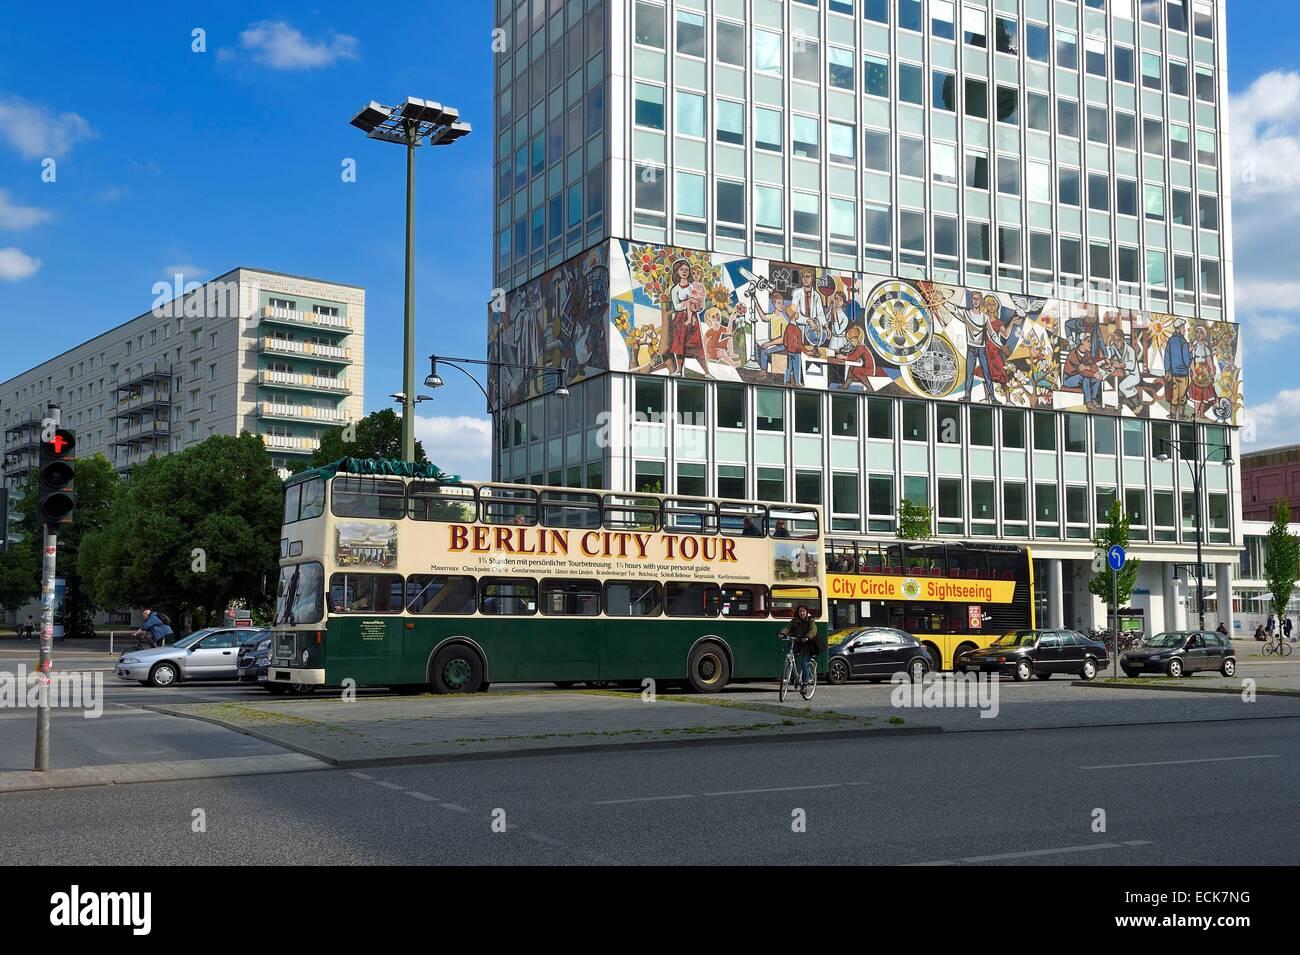 Deutschland, Berlin, Karl-Marx-Allee, Haus des Lehrers (Haus der Lehrer), das Wandbild Umwickeln um das gesamte Stockfoto